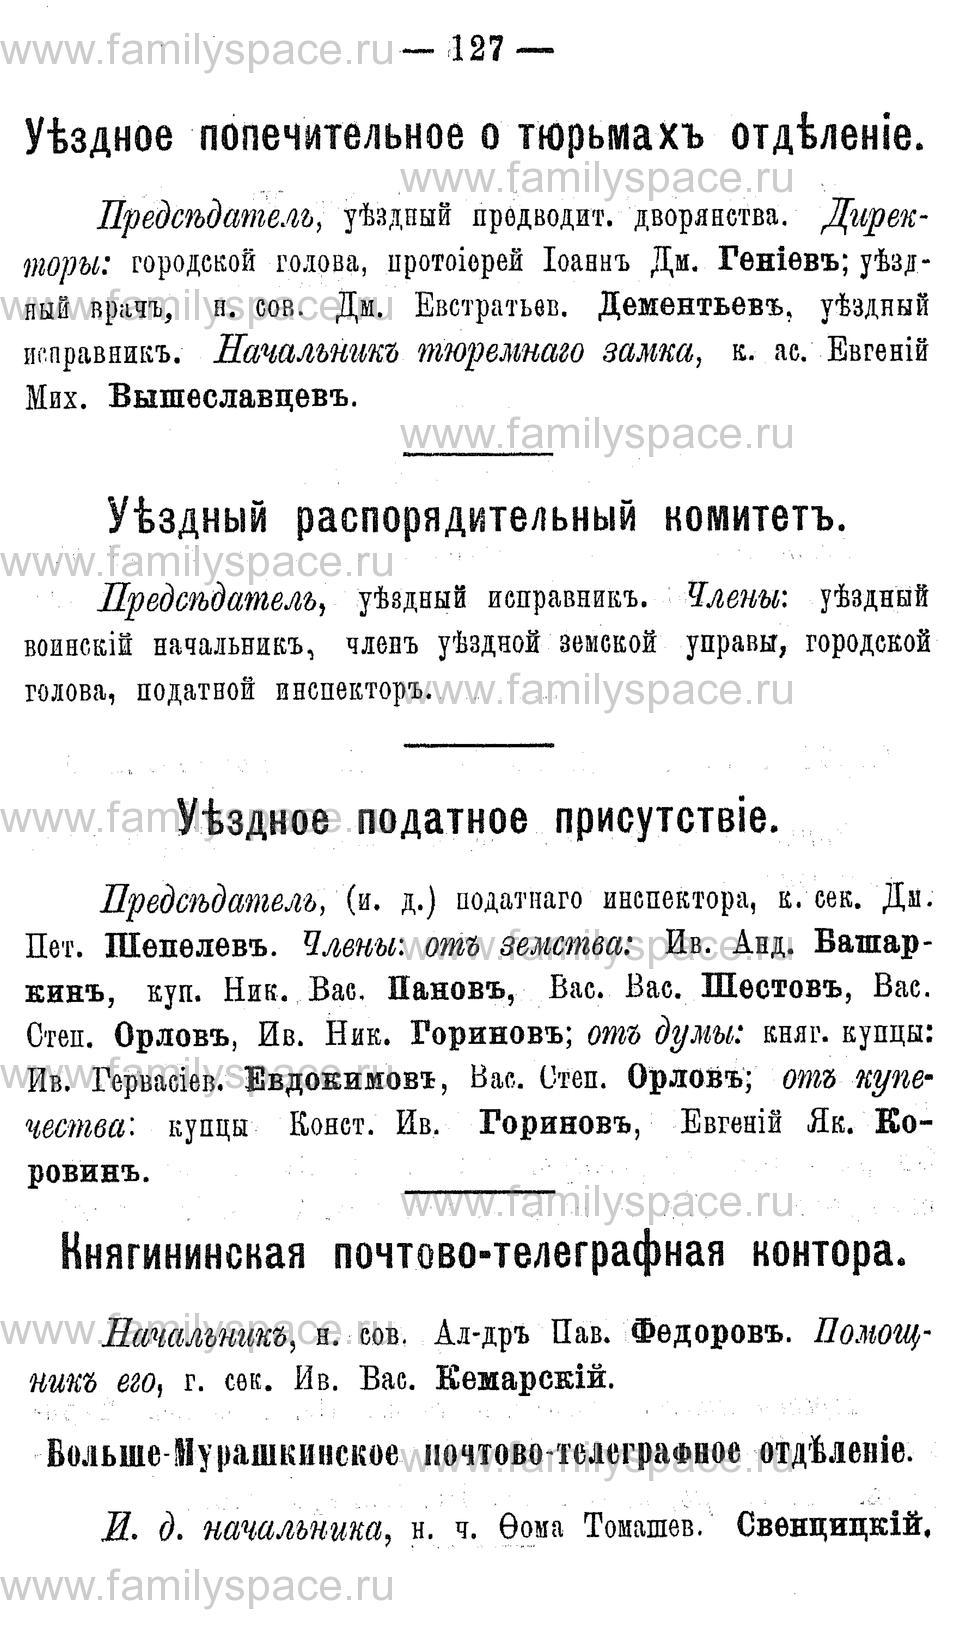 Поиск по фамилии - Адрес-календарь Нижегородской губернии на 1891 год, страница 127